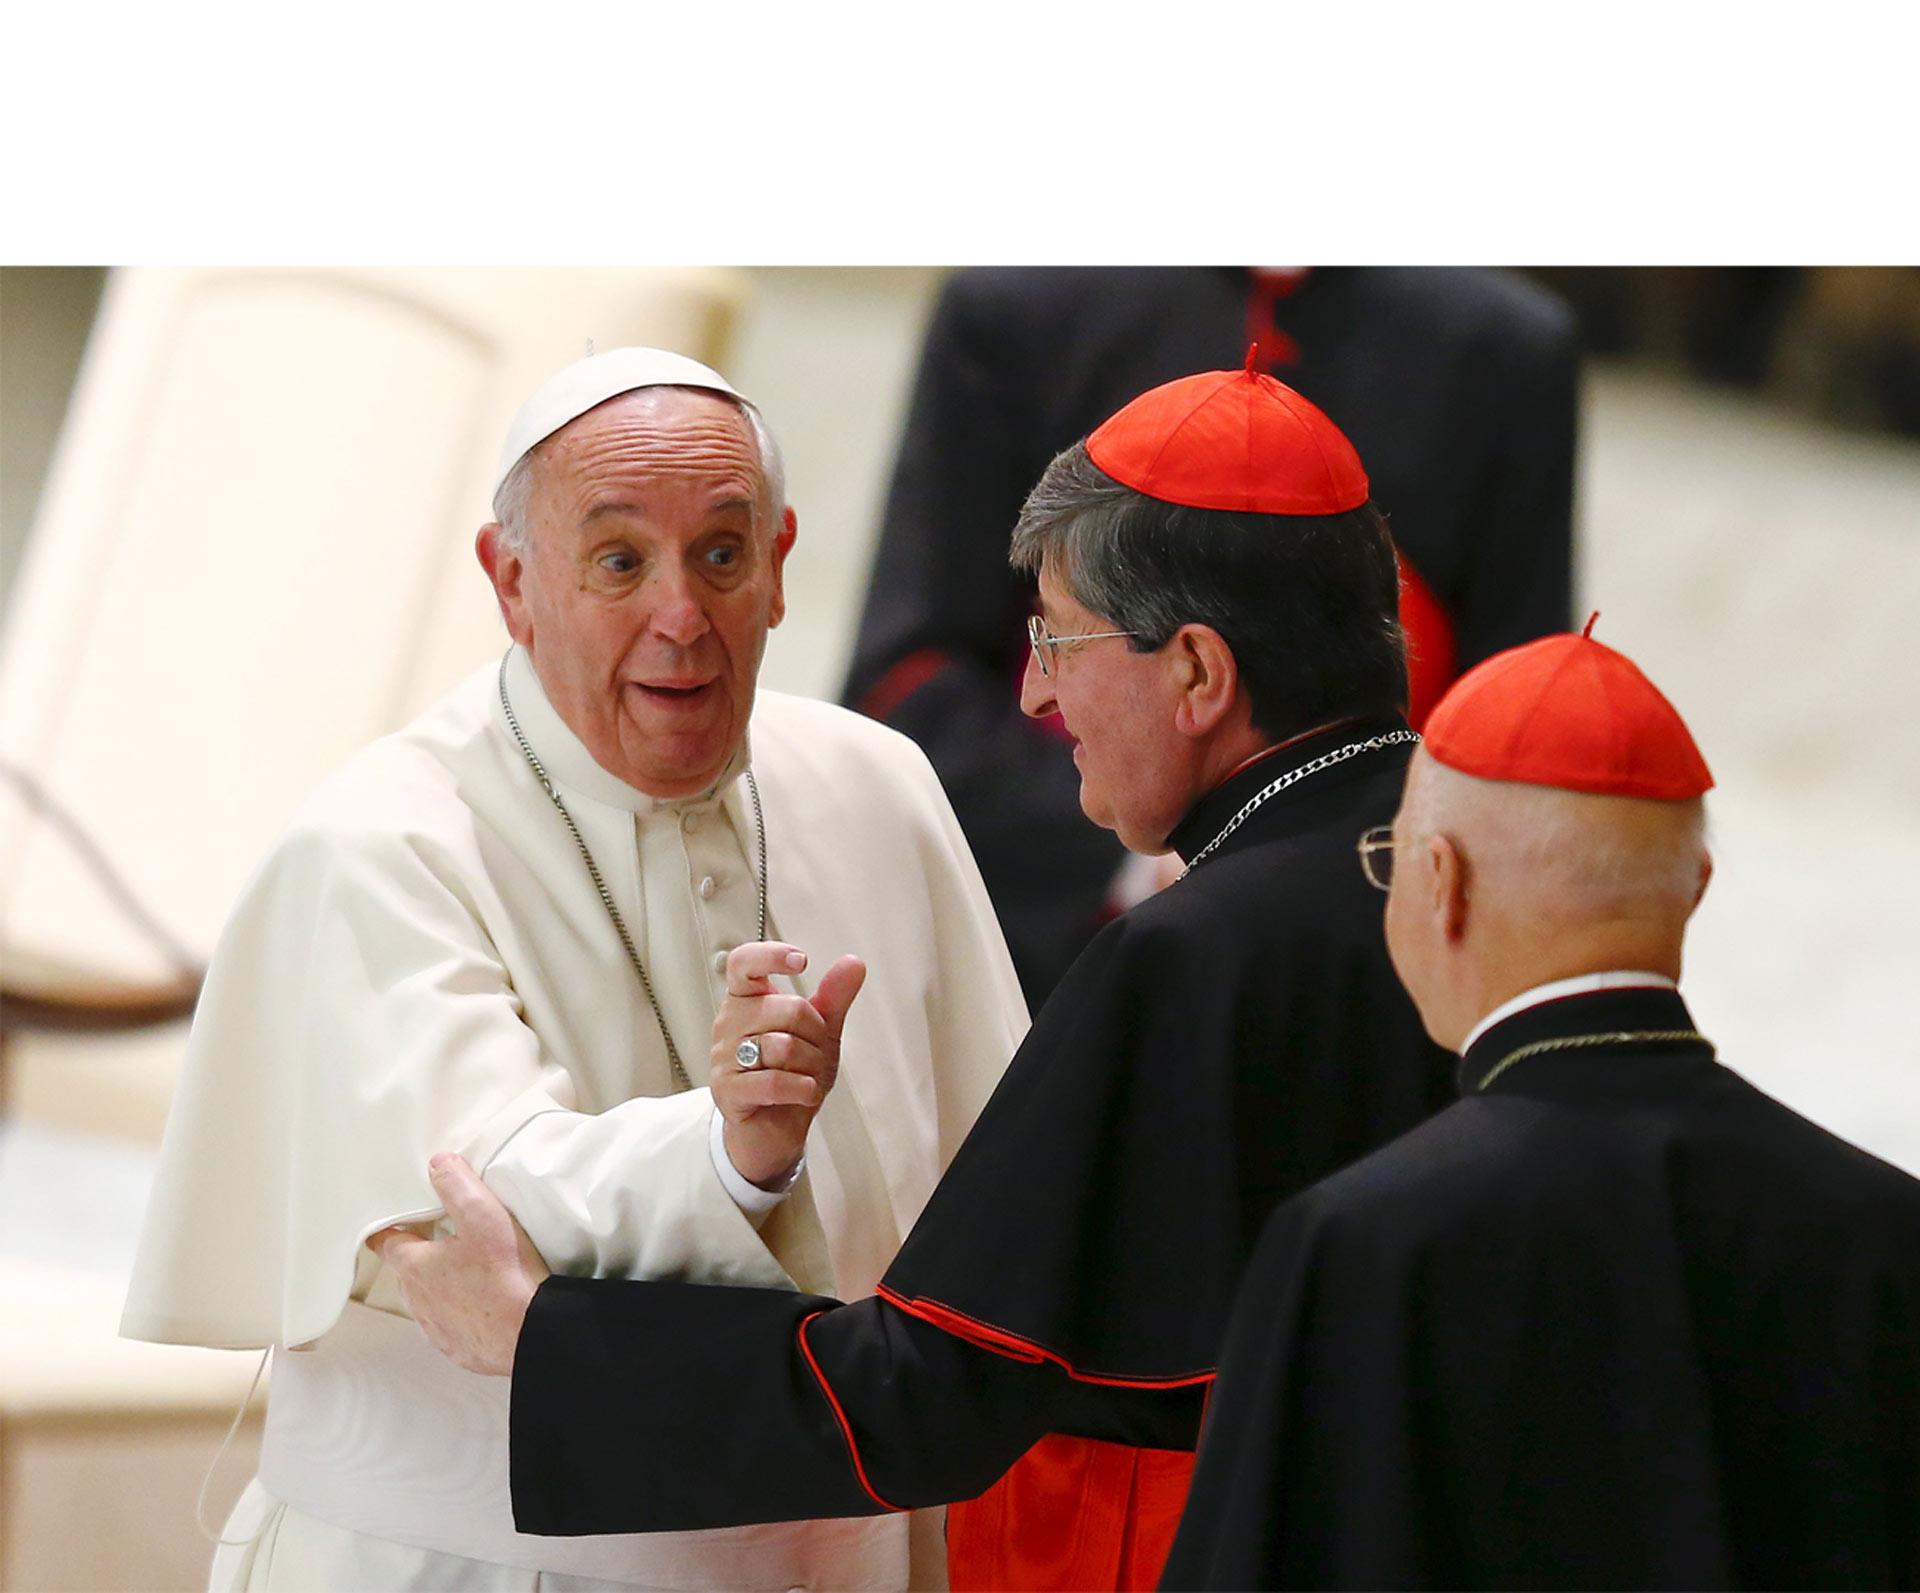 El pontífice piensa que los países deben adoptar un enfoque más abierto para facilitar los esfuerzos de integración de los refugiados